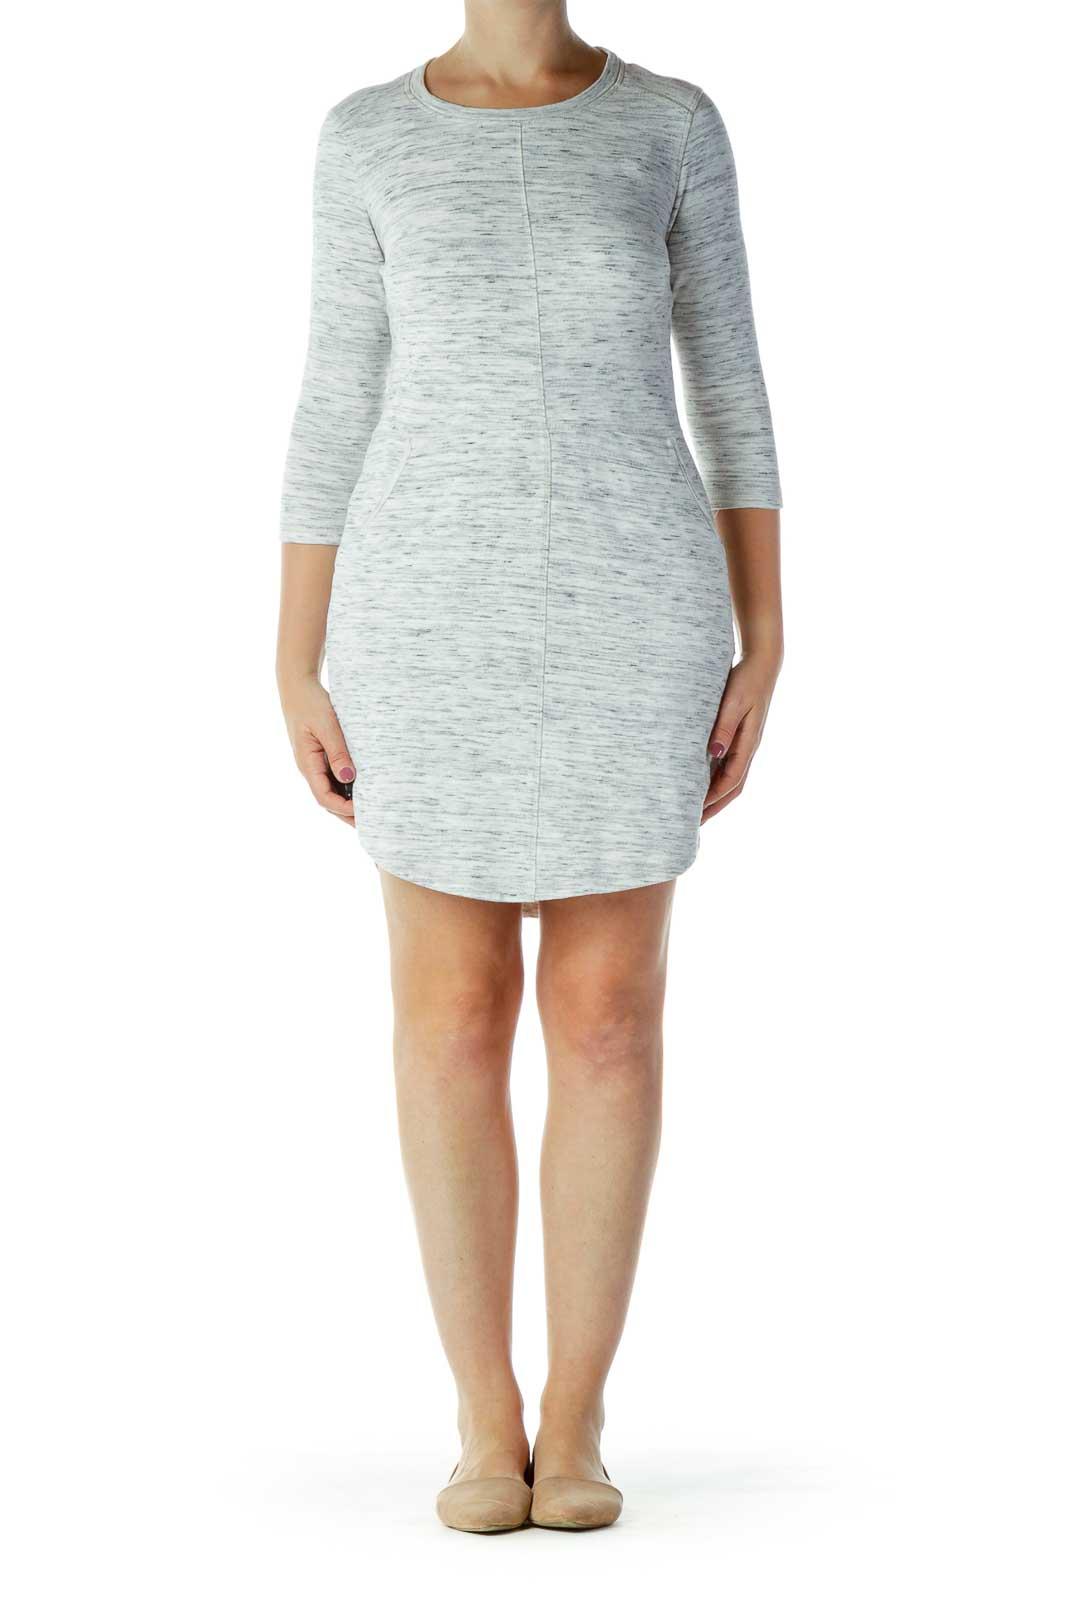 Gray Mottled Knit Dress